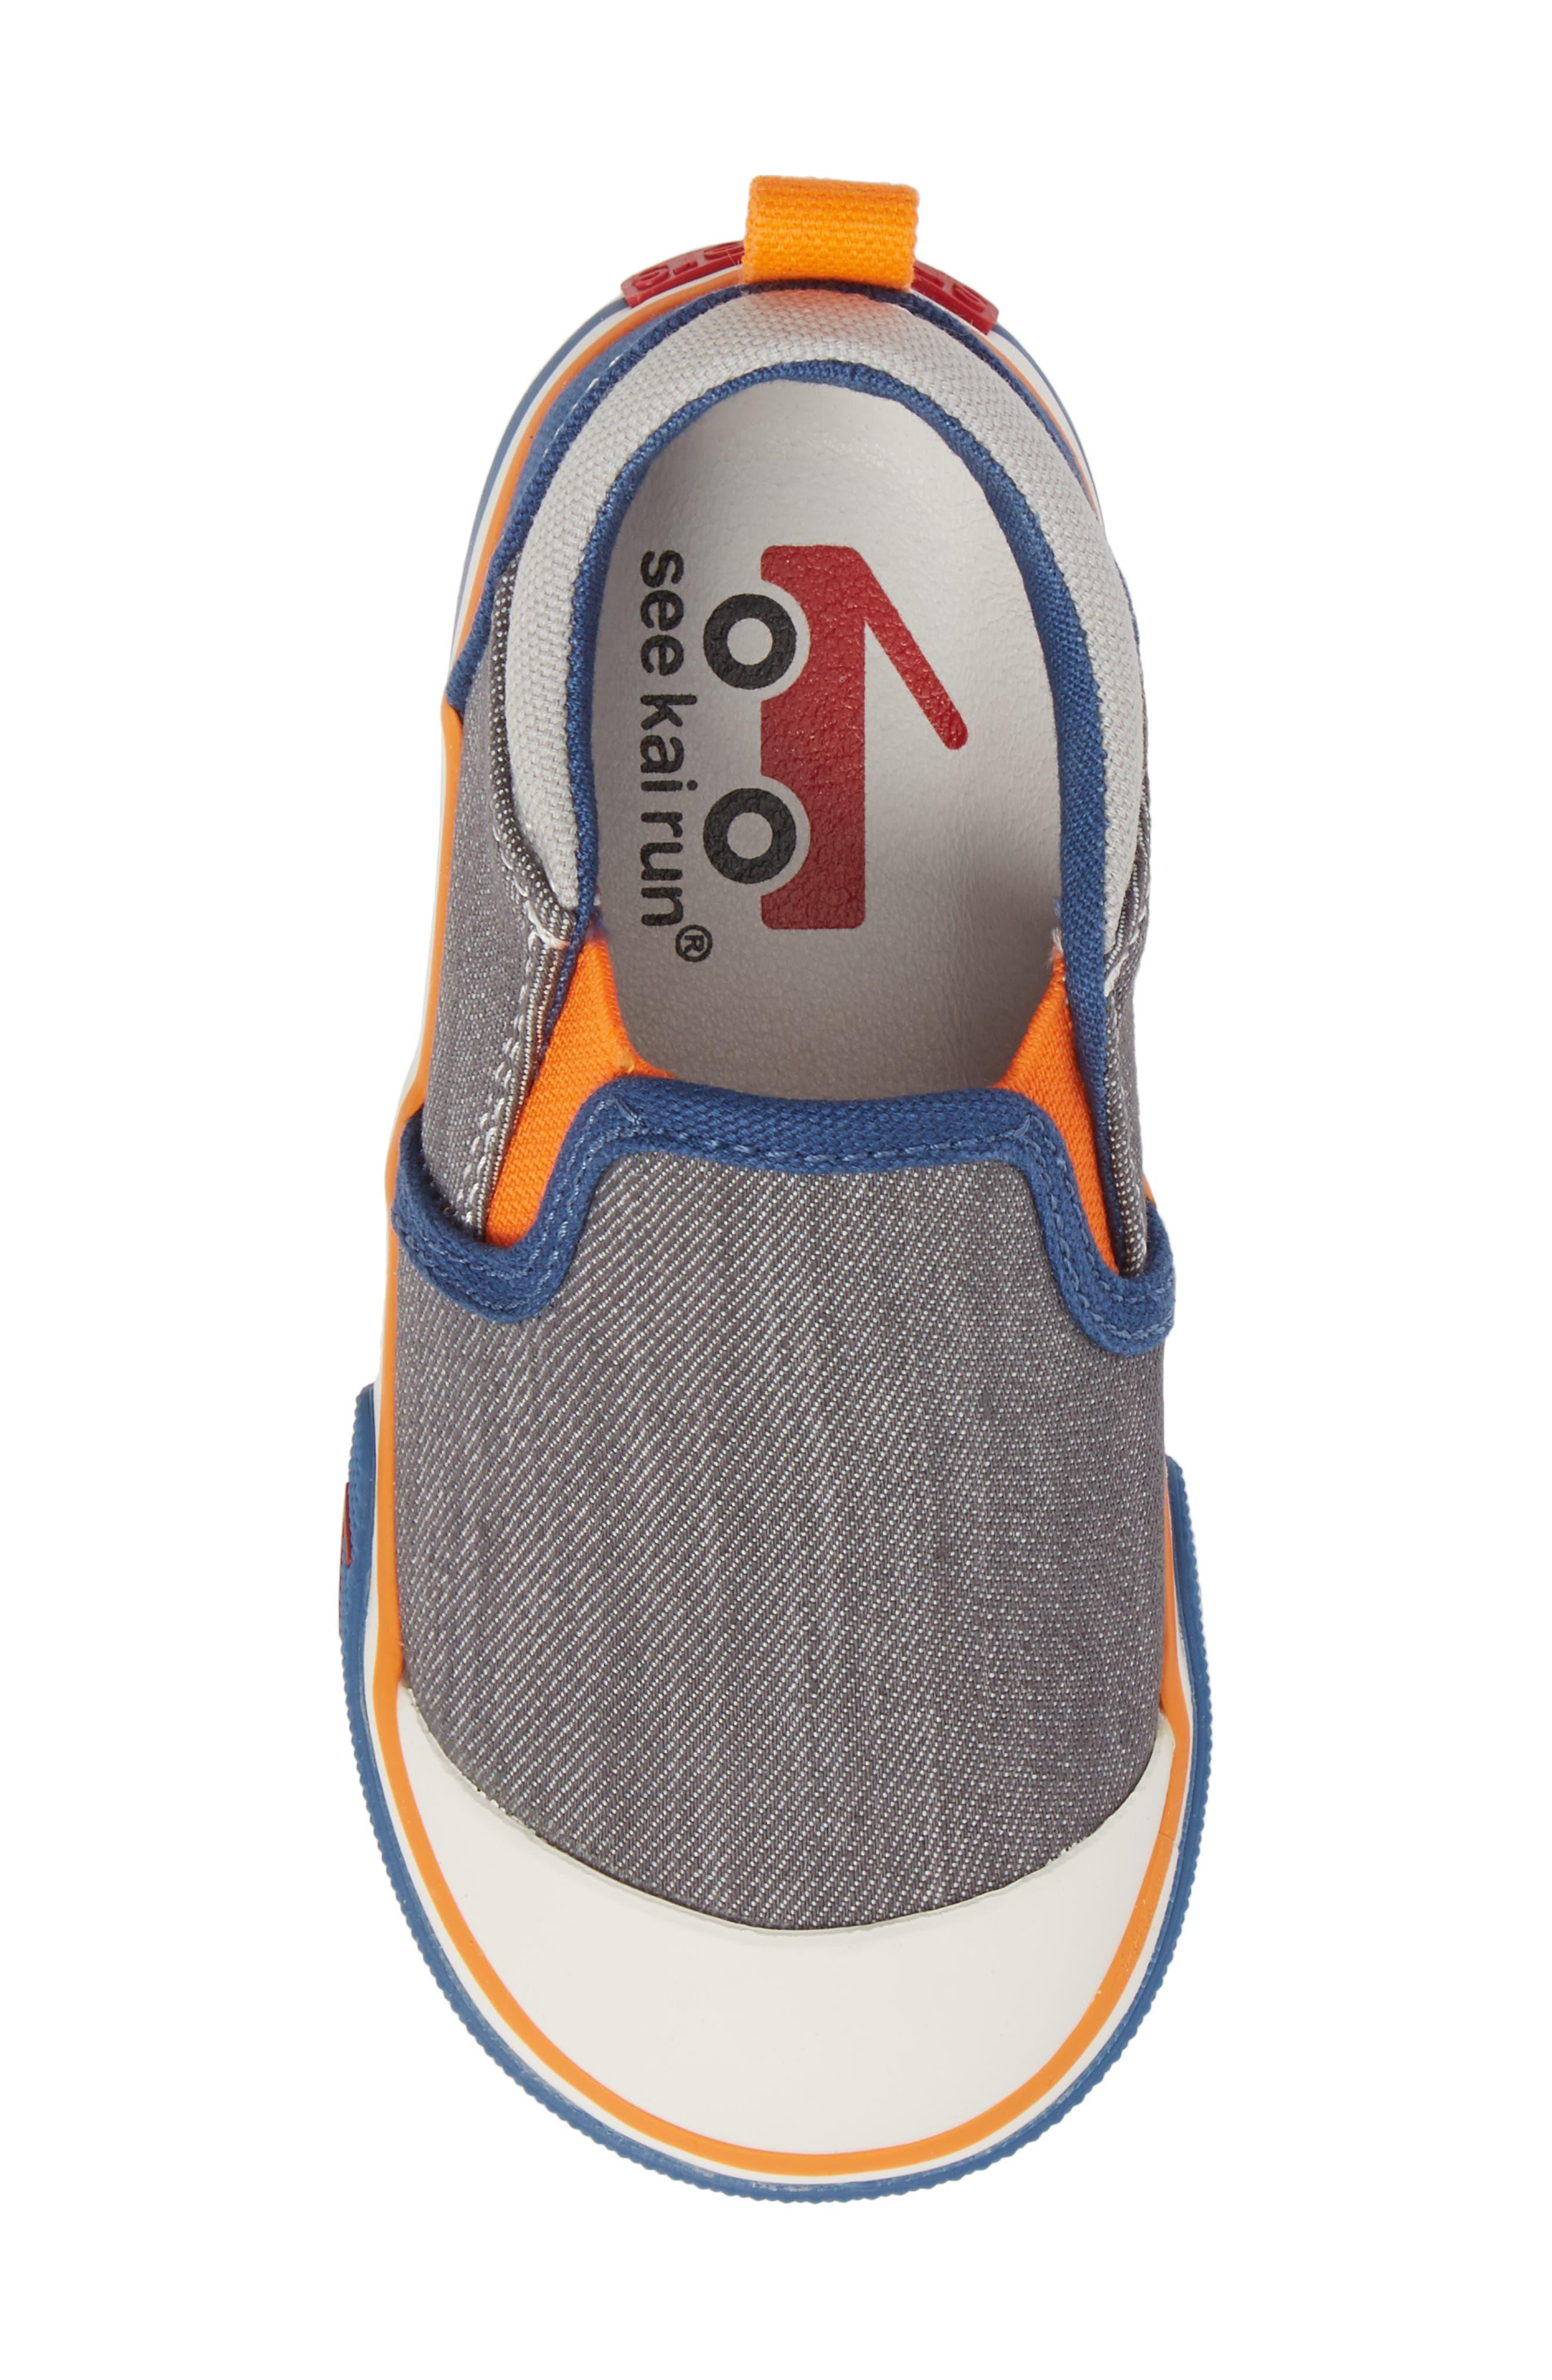 Slater Colorblock Slip-On Sneaker,                             Alternate thumbnail 5, color,                             Gray/ Blue